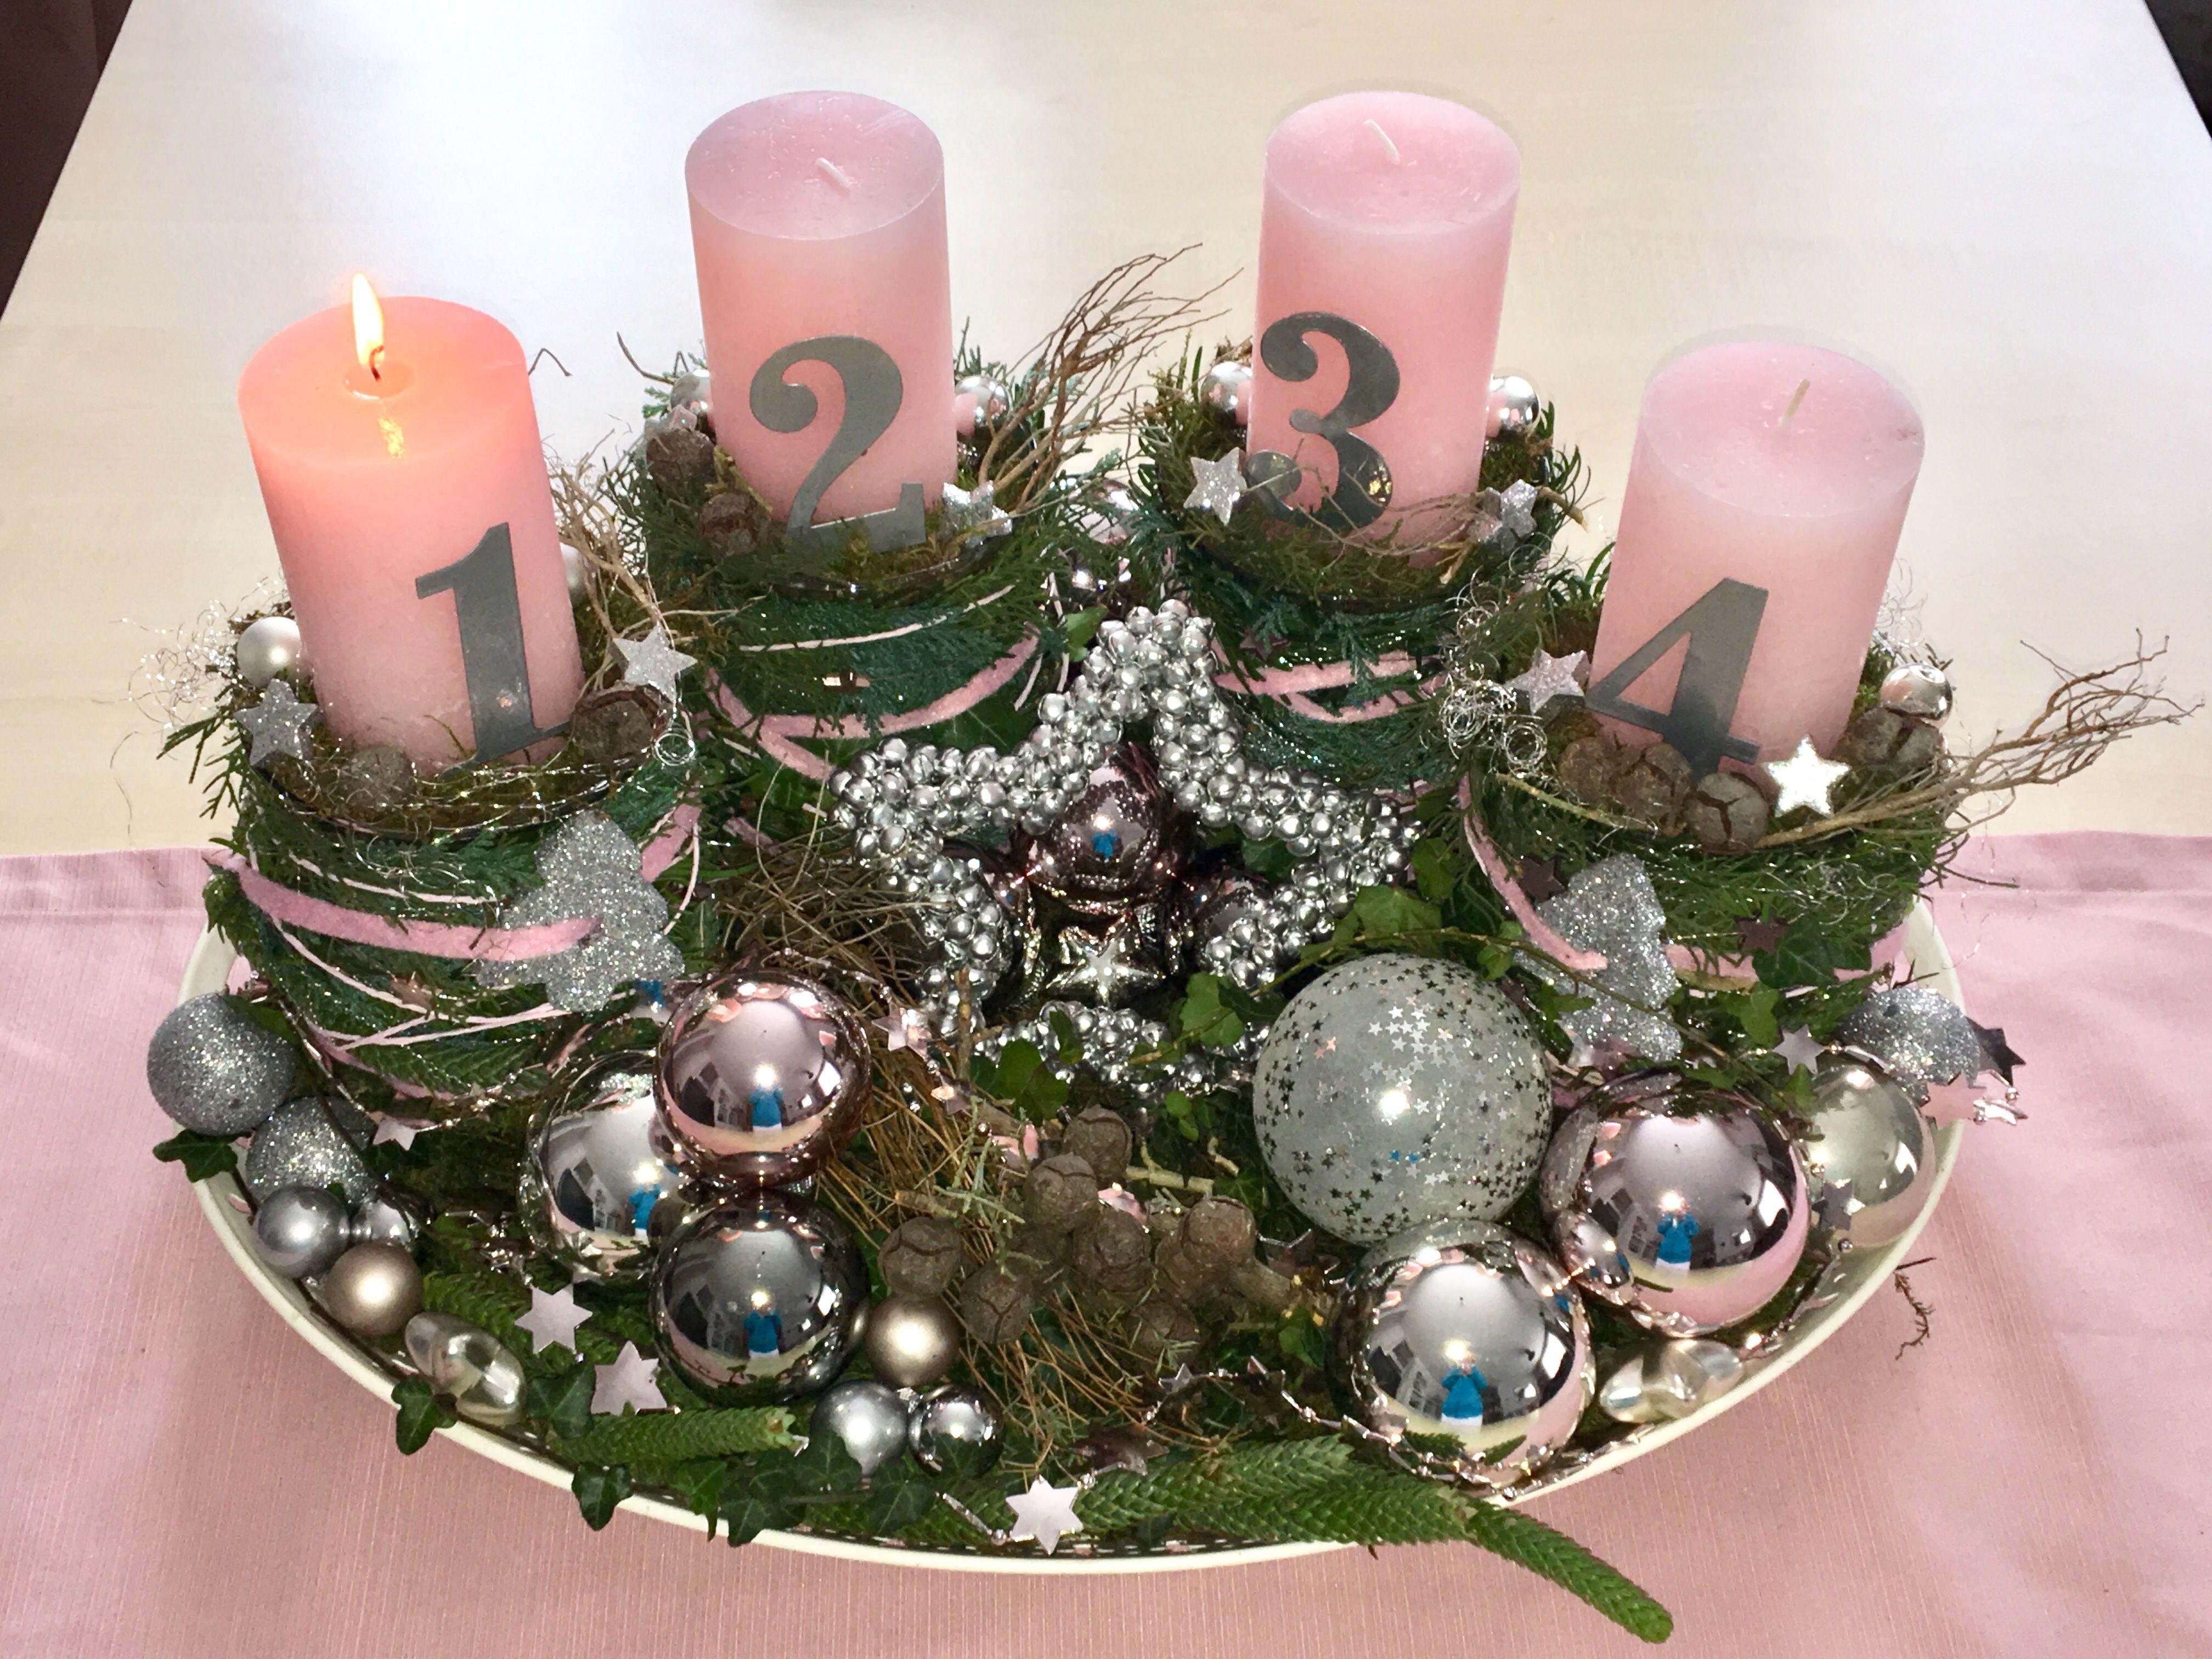 Adventskranz Rosa Silber Weihnachtsdeko Adventskranz Weihnachtsdeko Rosa Silber A Weihnachtsdeko Rosa Adventskranz Selber Machen Weihnachtsdeko